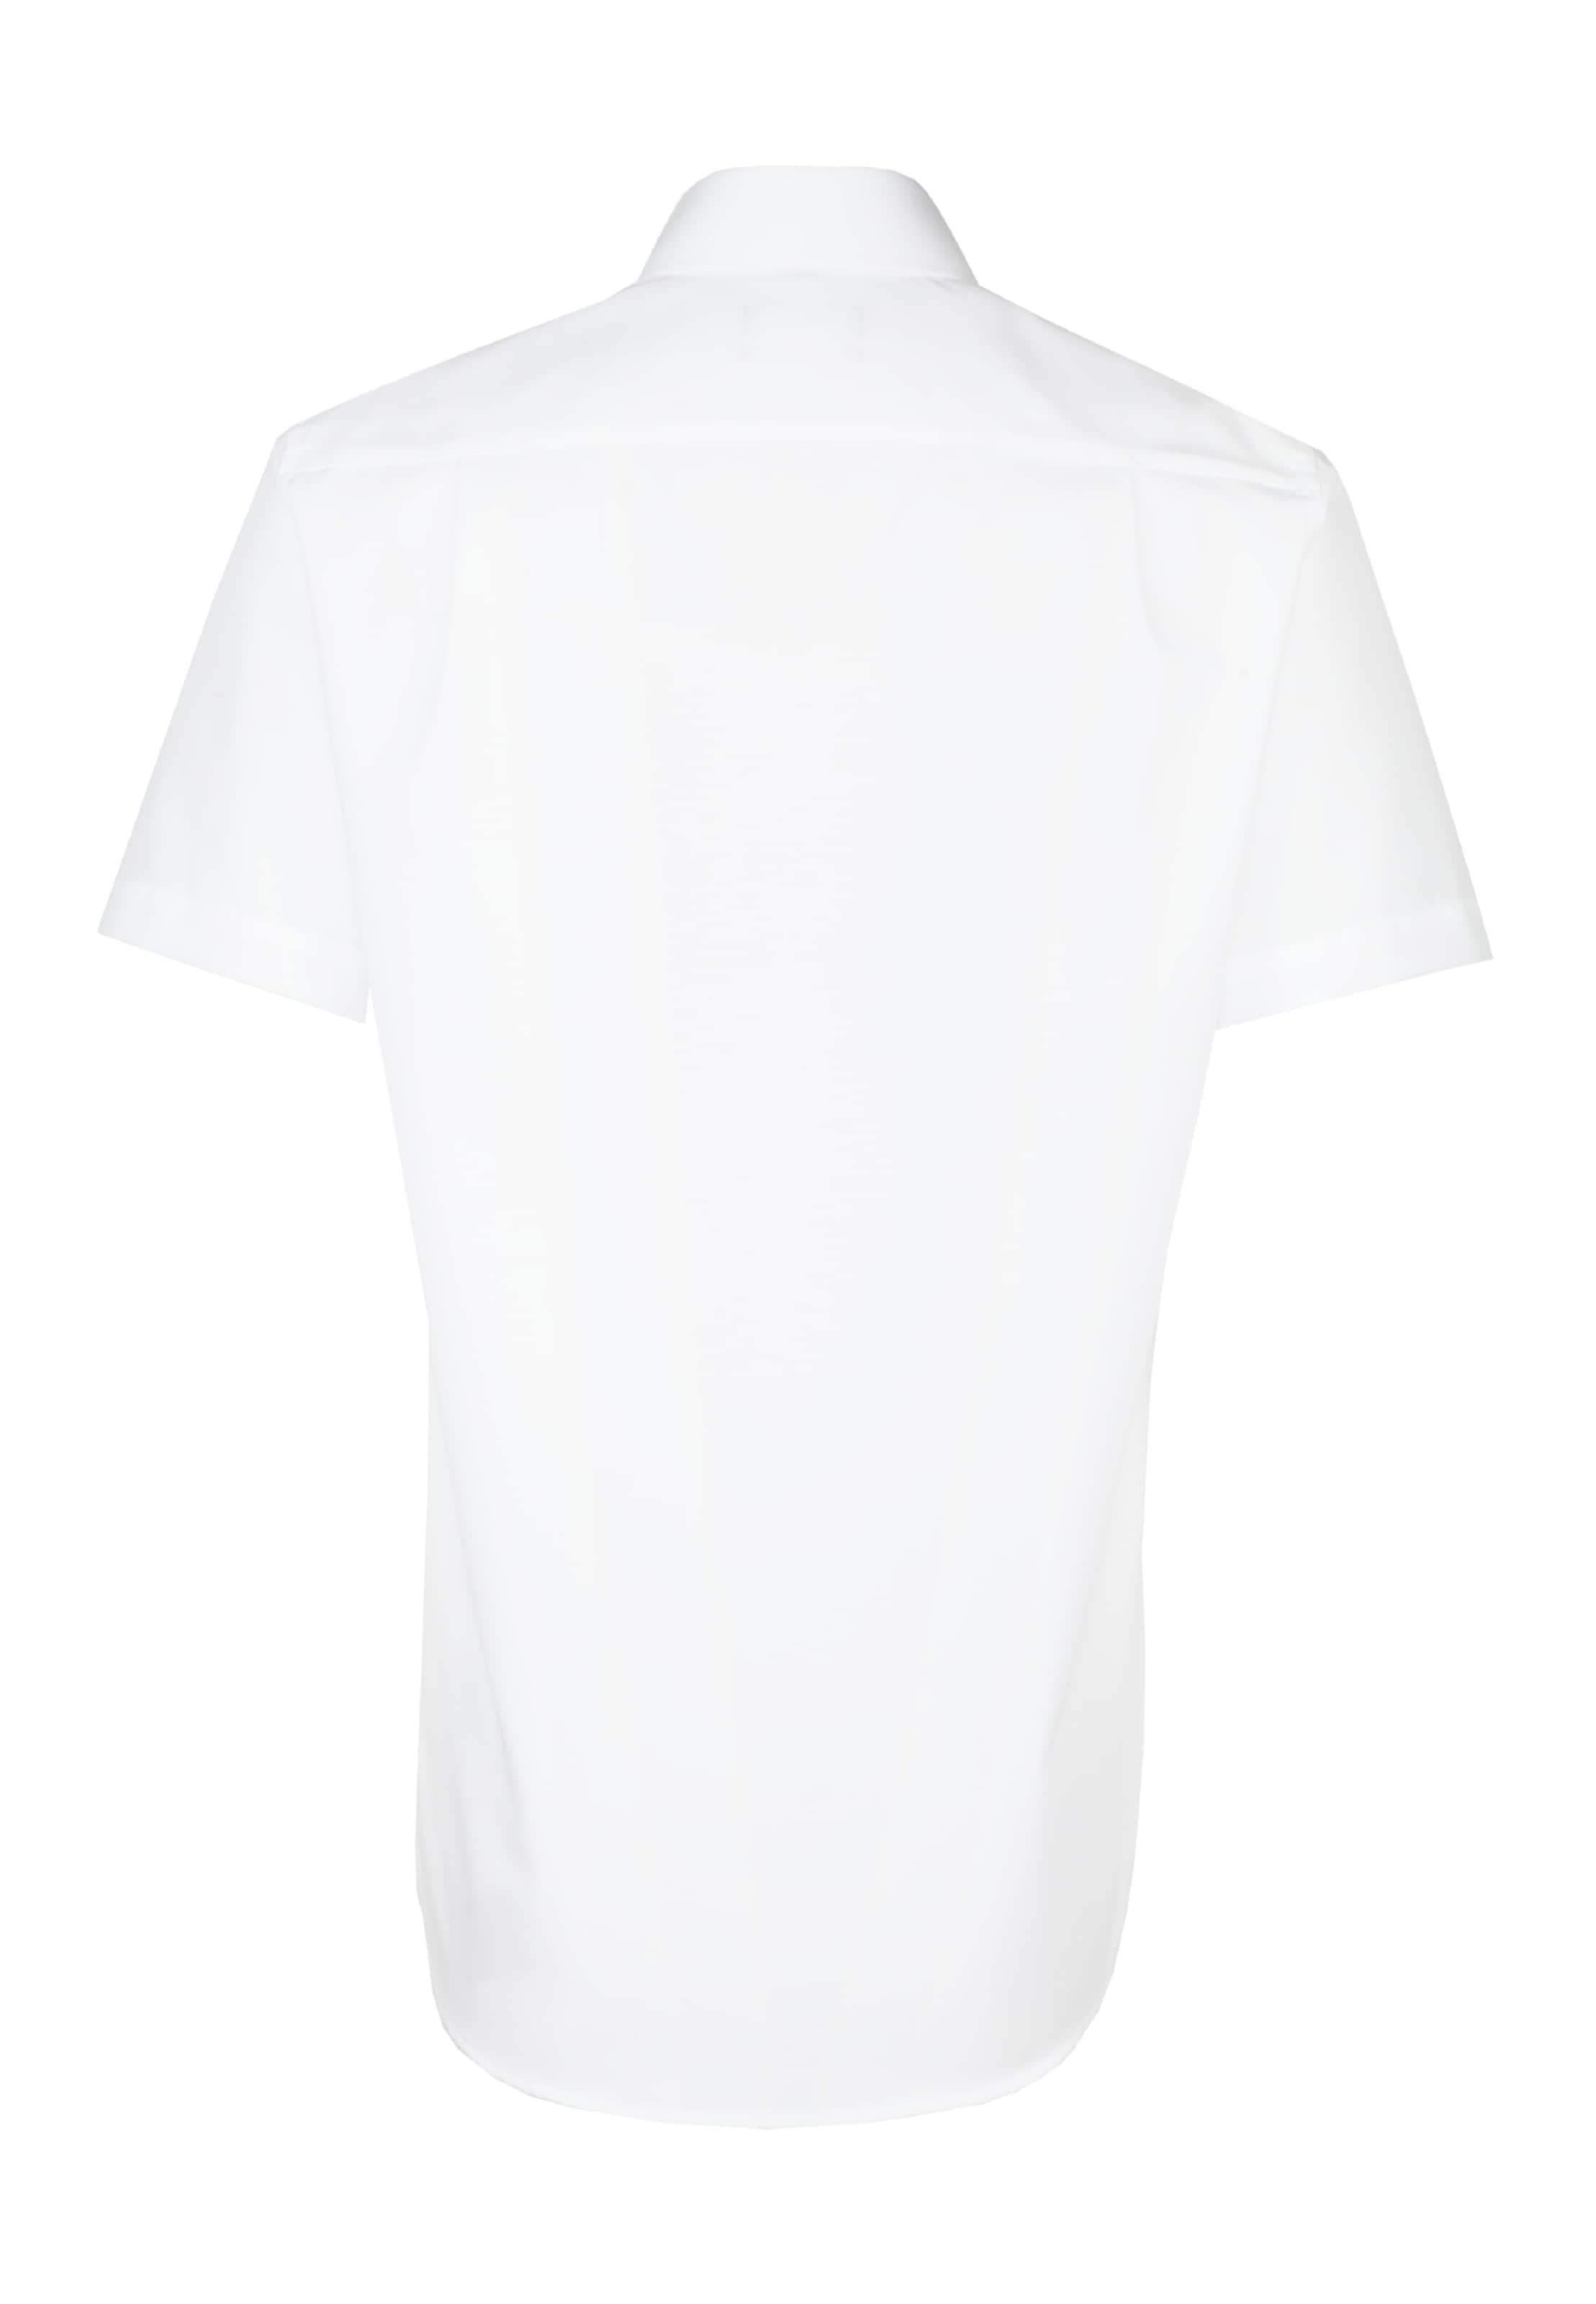 Steckdose Truhe SEIDENSTICKER Business Hemd ' Modern ' Freies Verschiffen Kauf emVbY